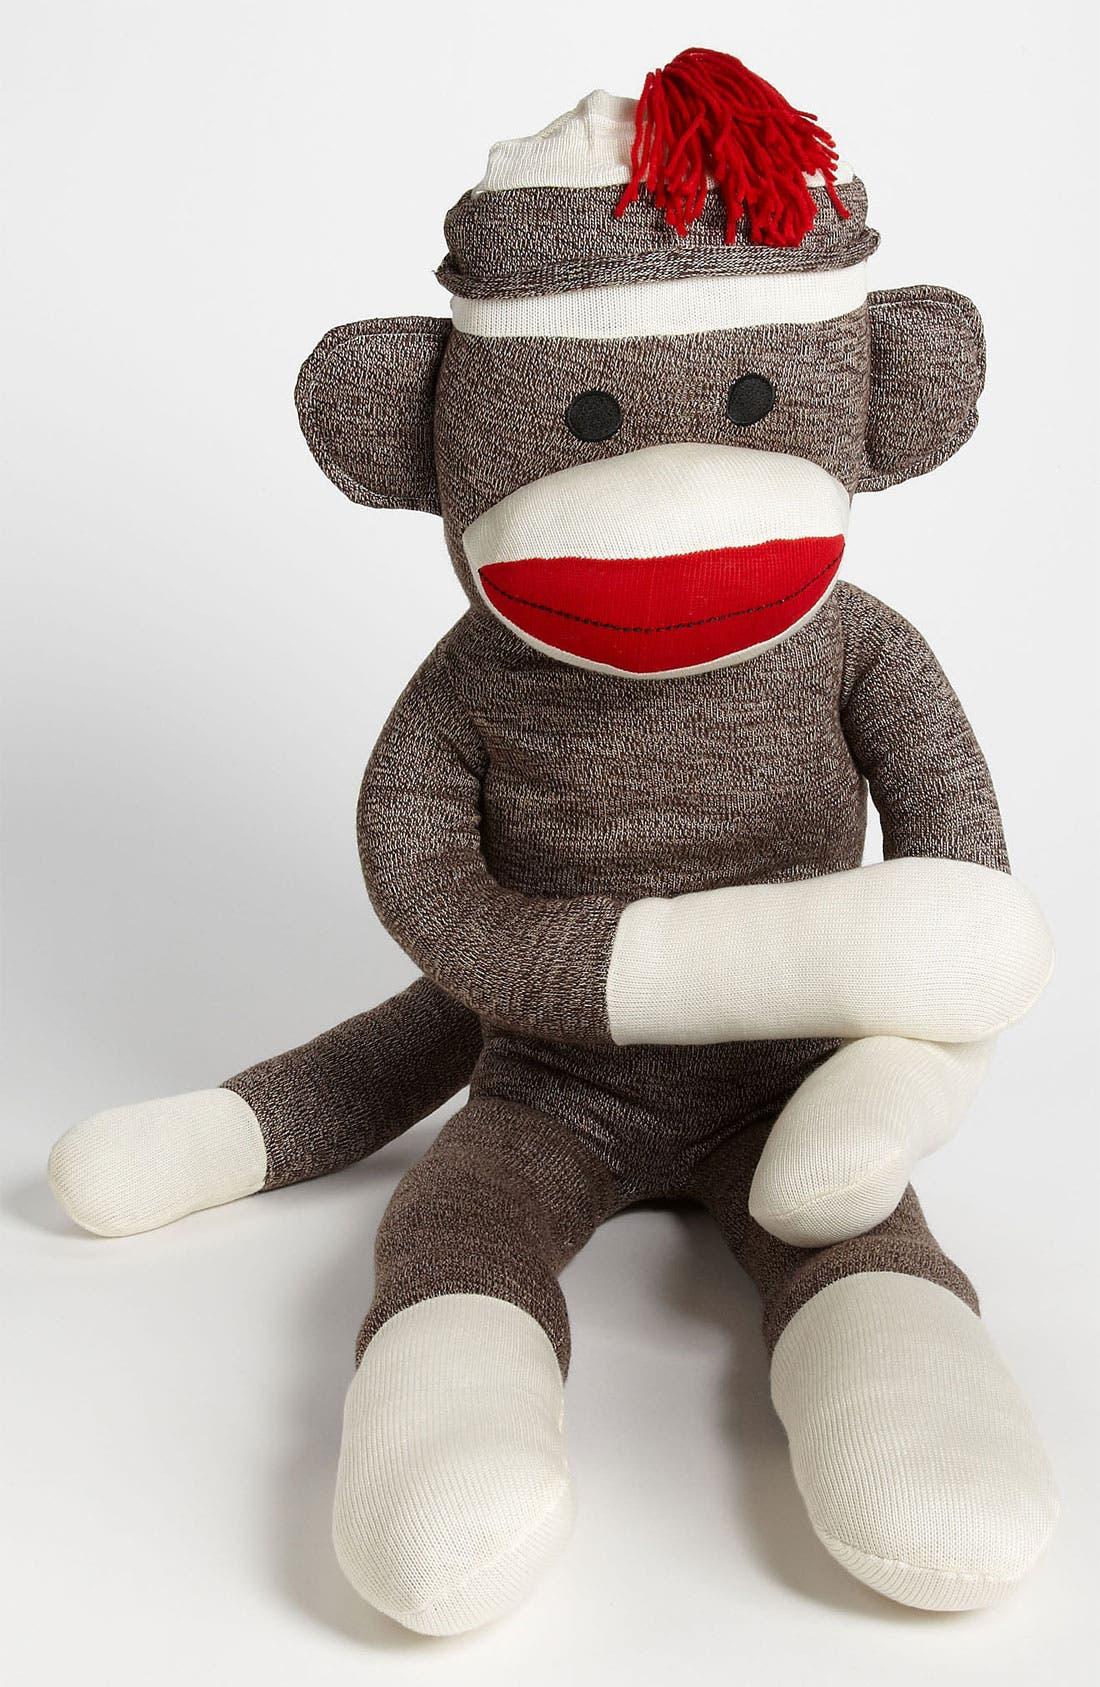 Main Image - Schylling Jumbo Sock Monkey Stuffed Animal